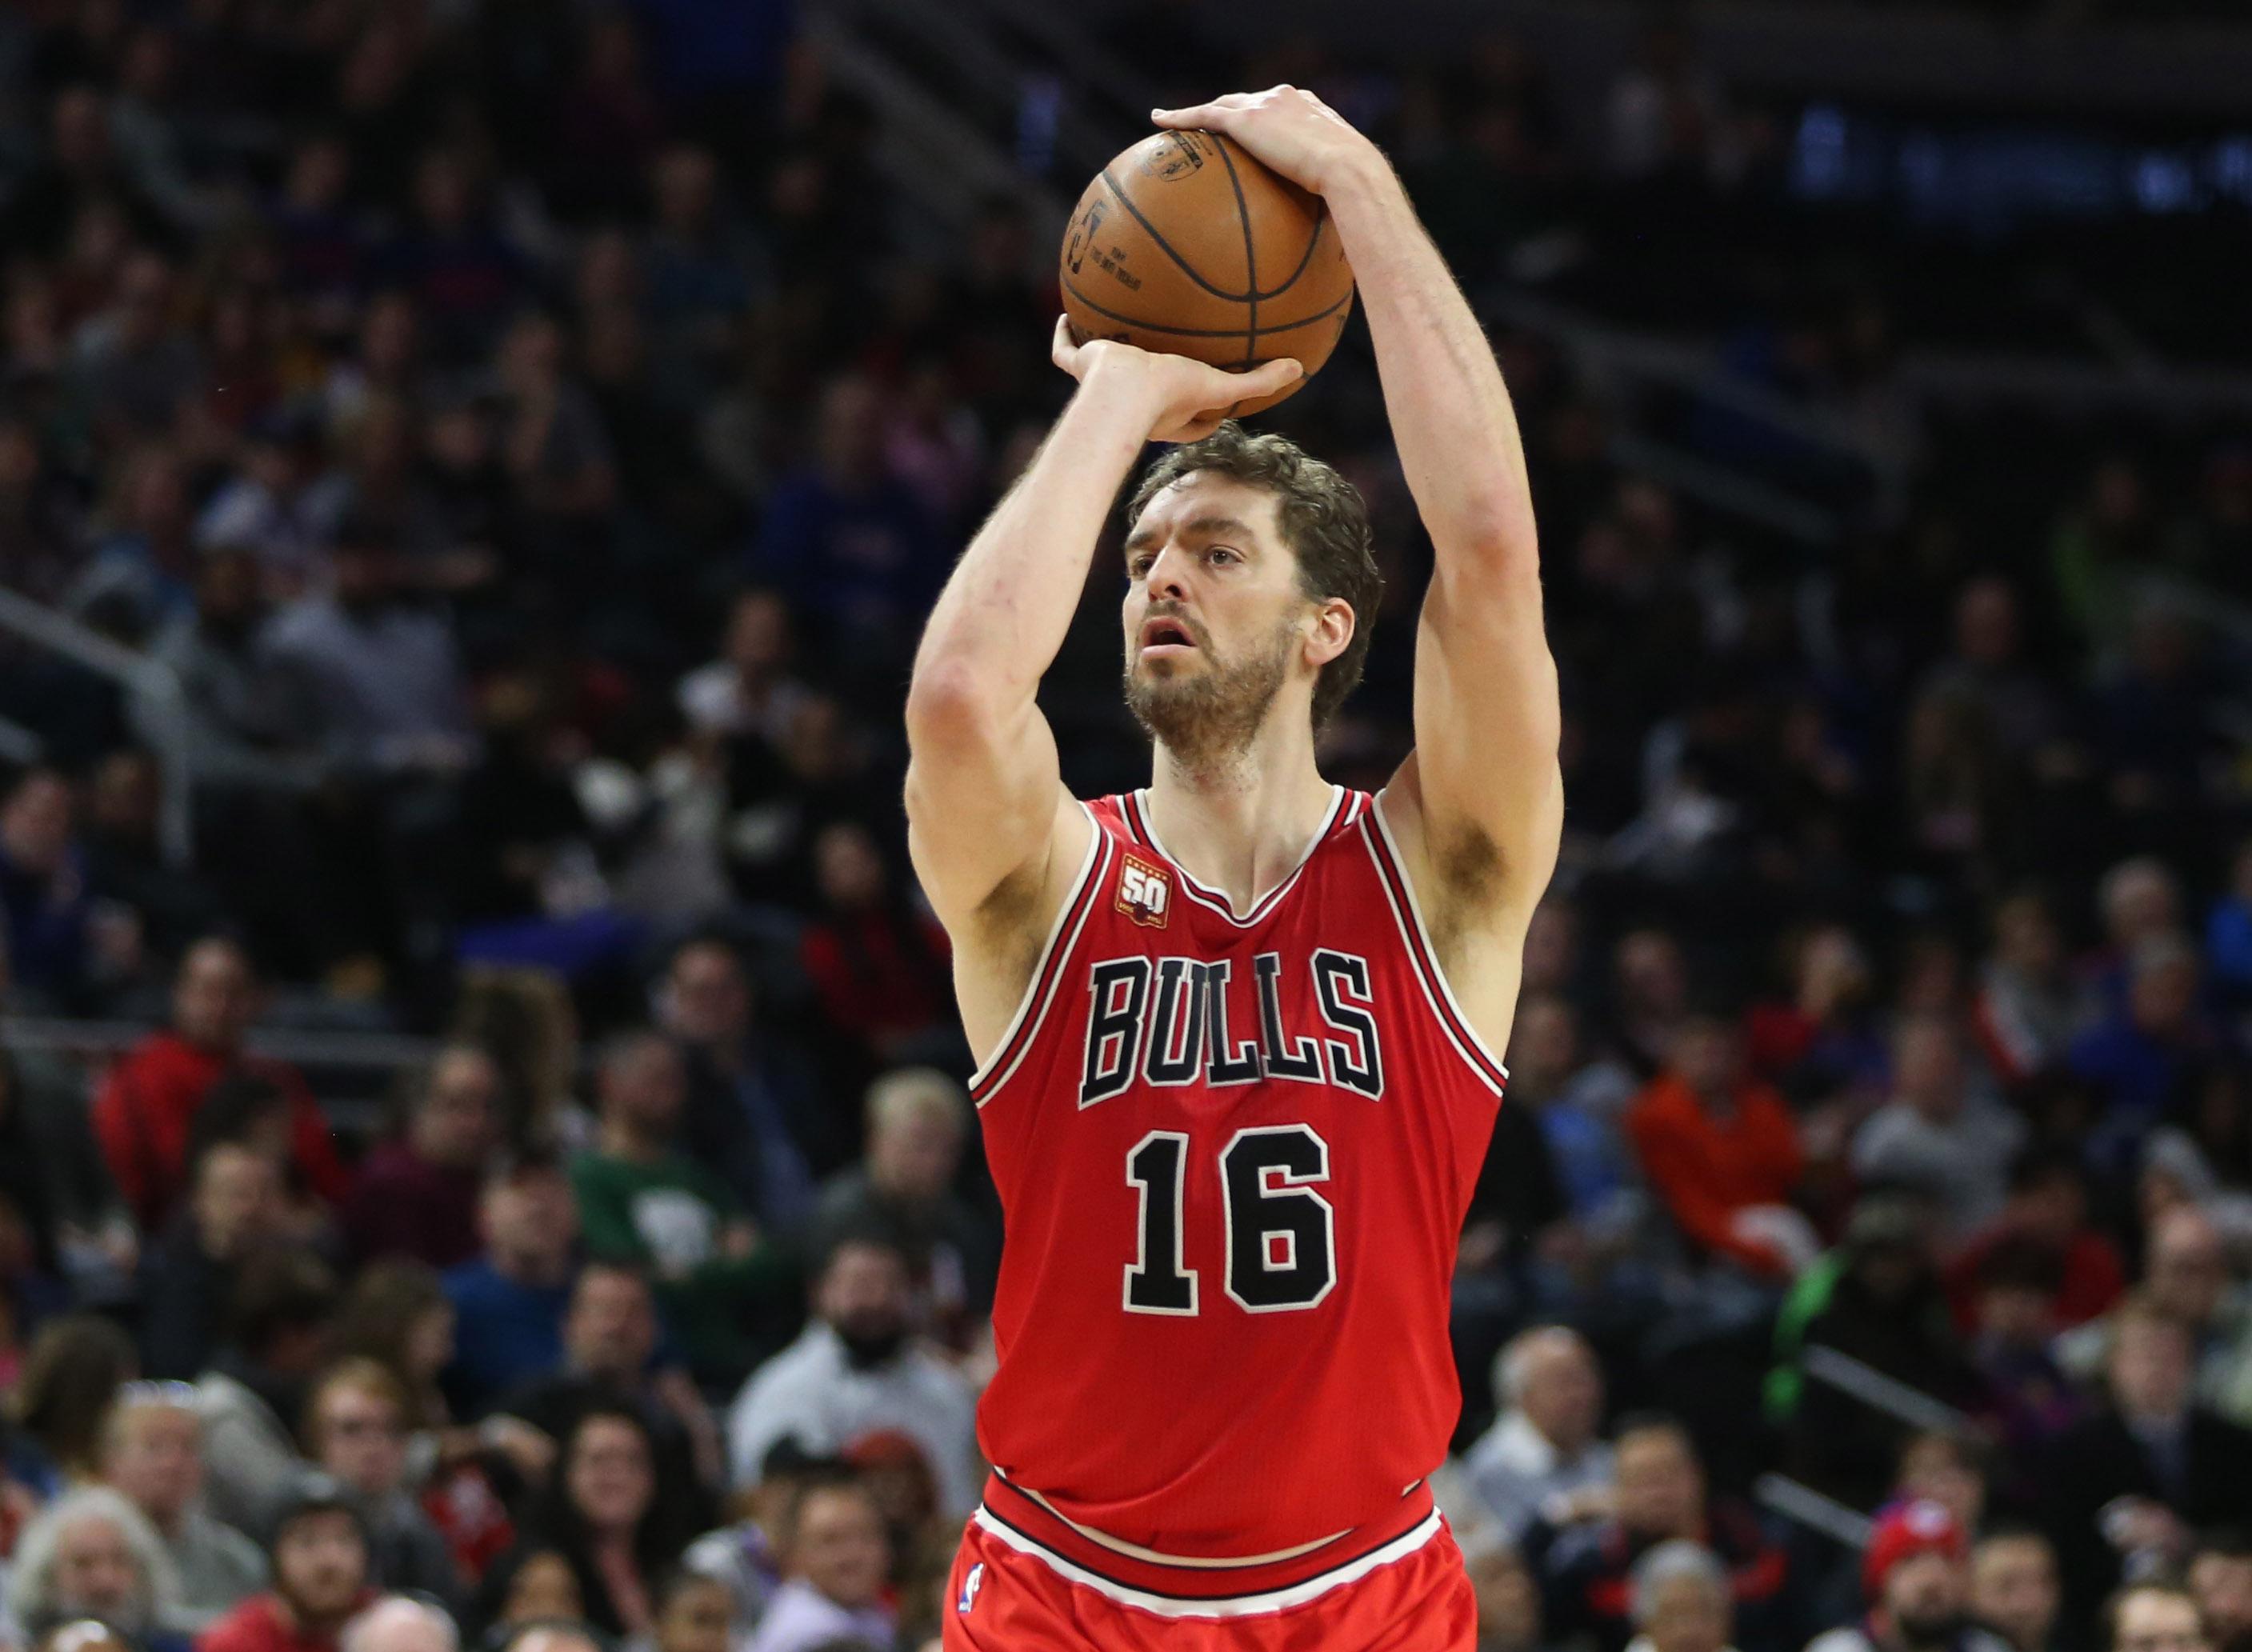 NBA trade rumors 2016: Kings, Bulls have discussed Pau Gasol deal, per report